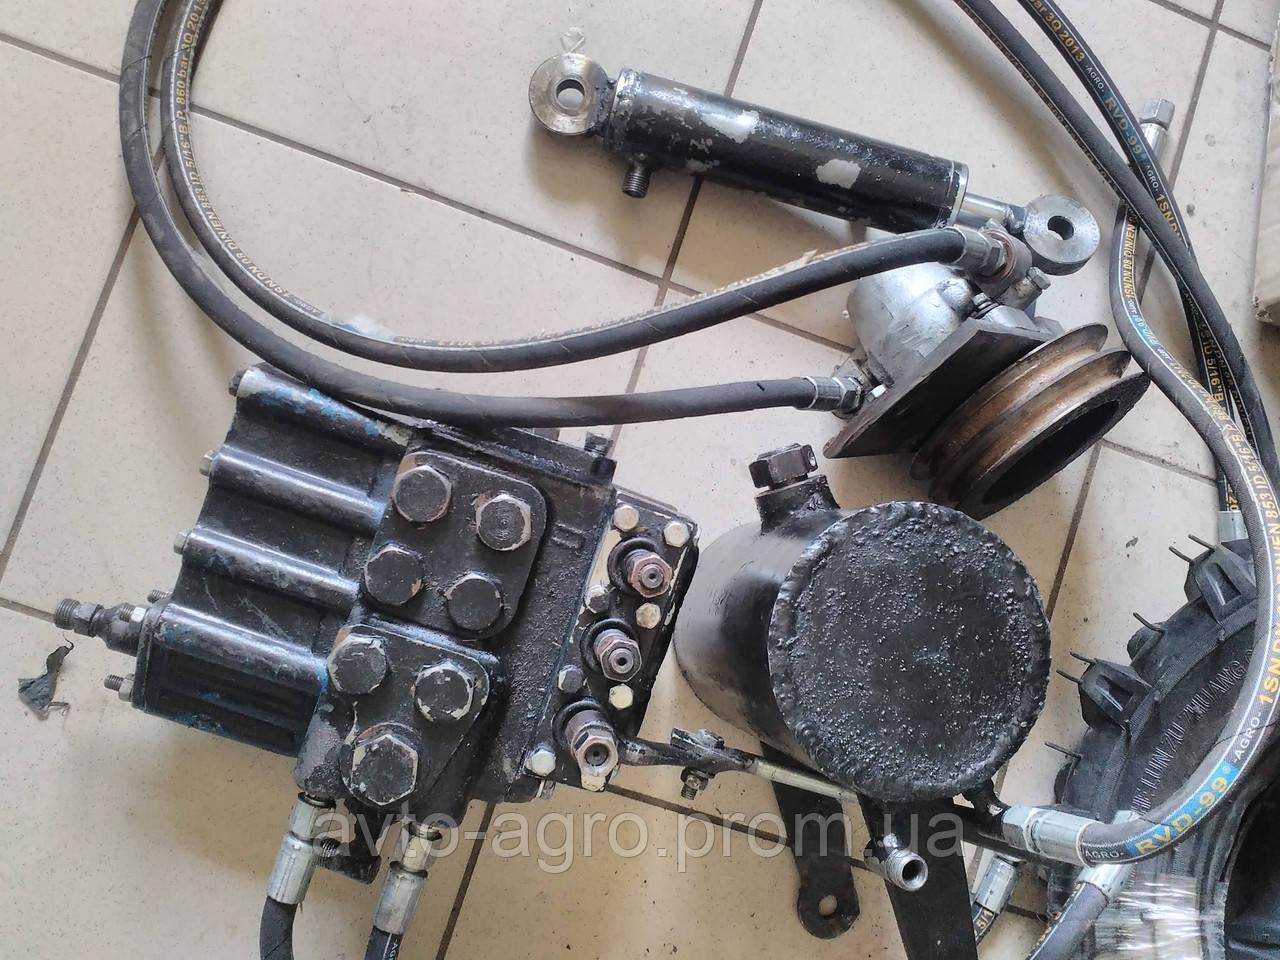 Навісне гідравлічне обладння мототрактора, мінітрактора б/у Зубр, БУлат, Форте та ін.